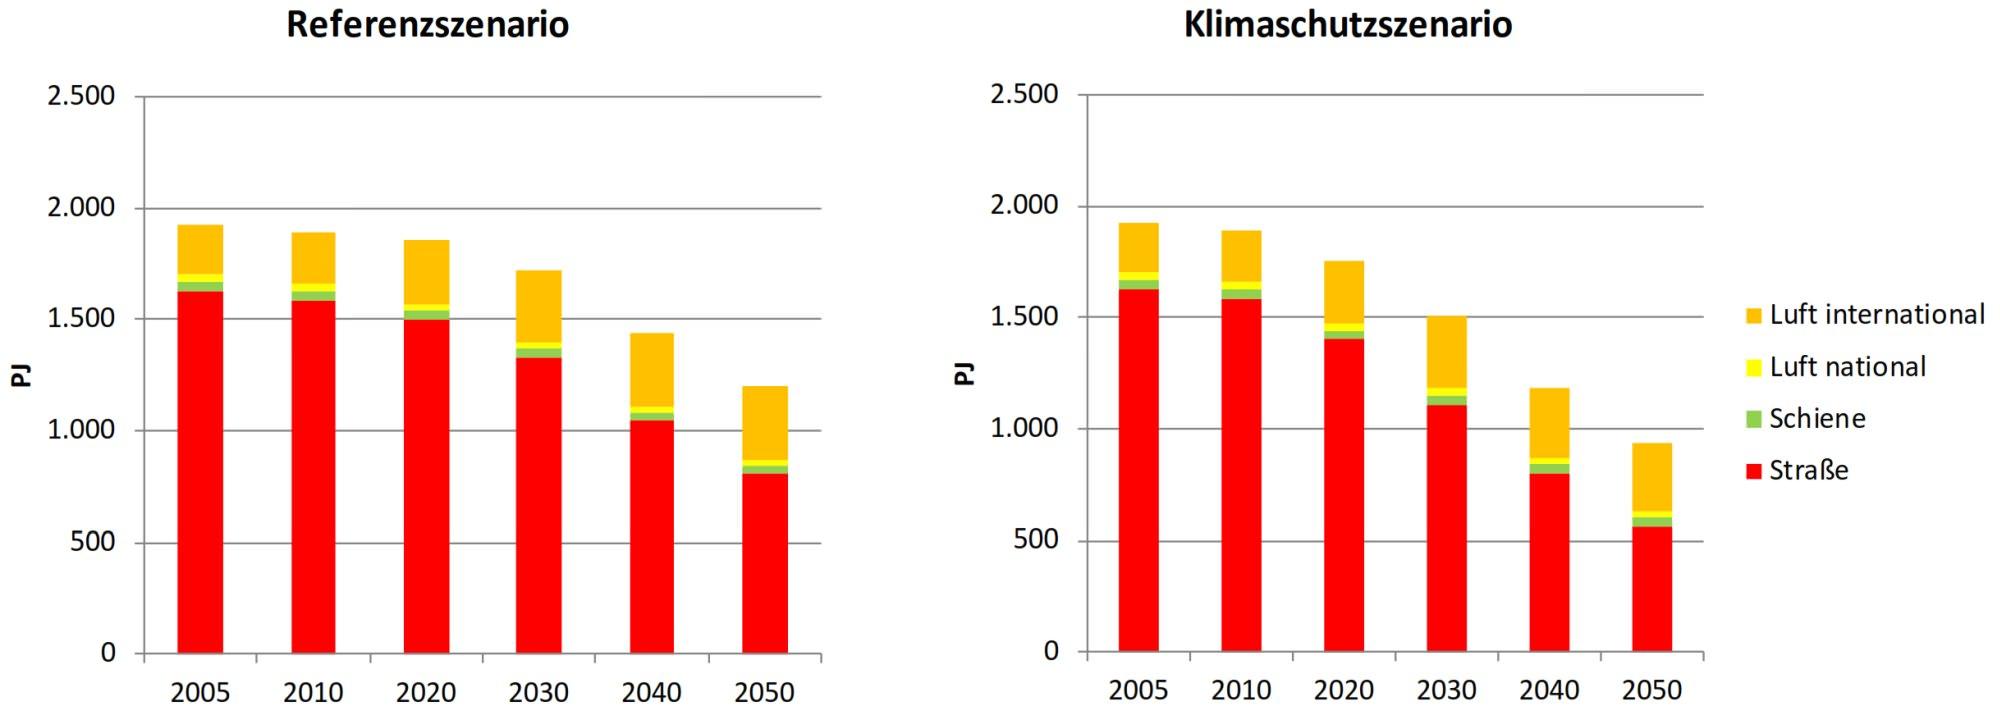 Endenergieverbrauch Personenverkehr 2050 Klimaschutz